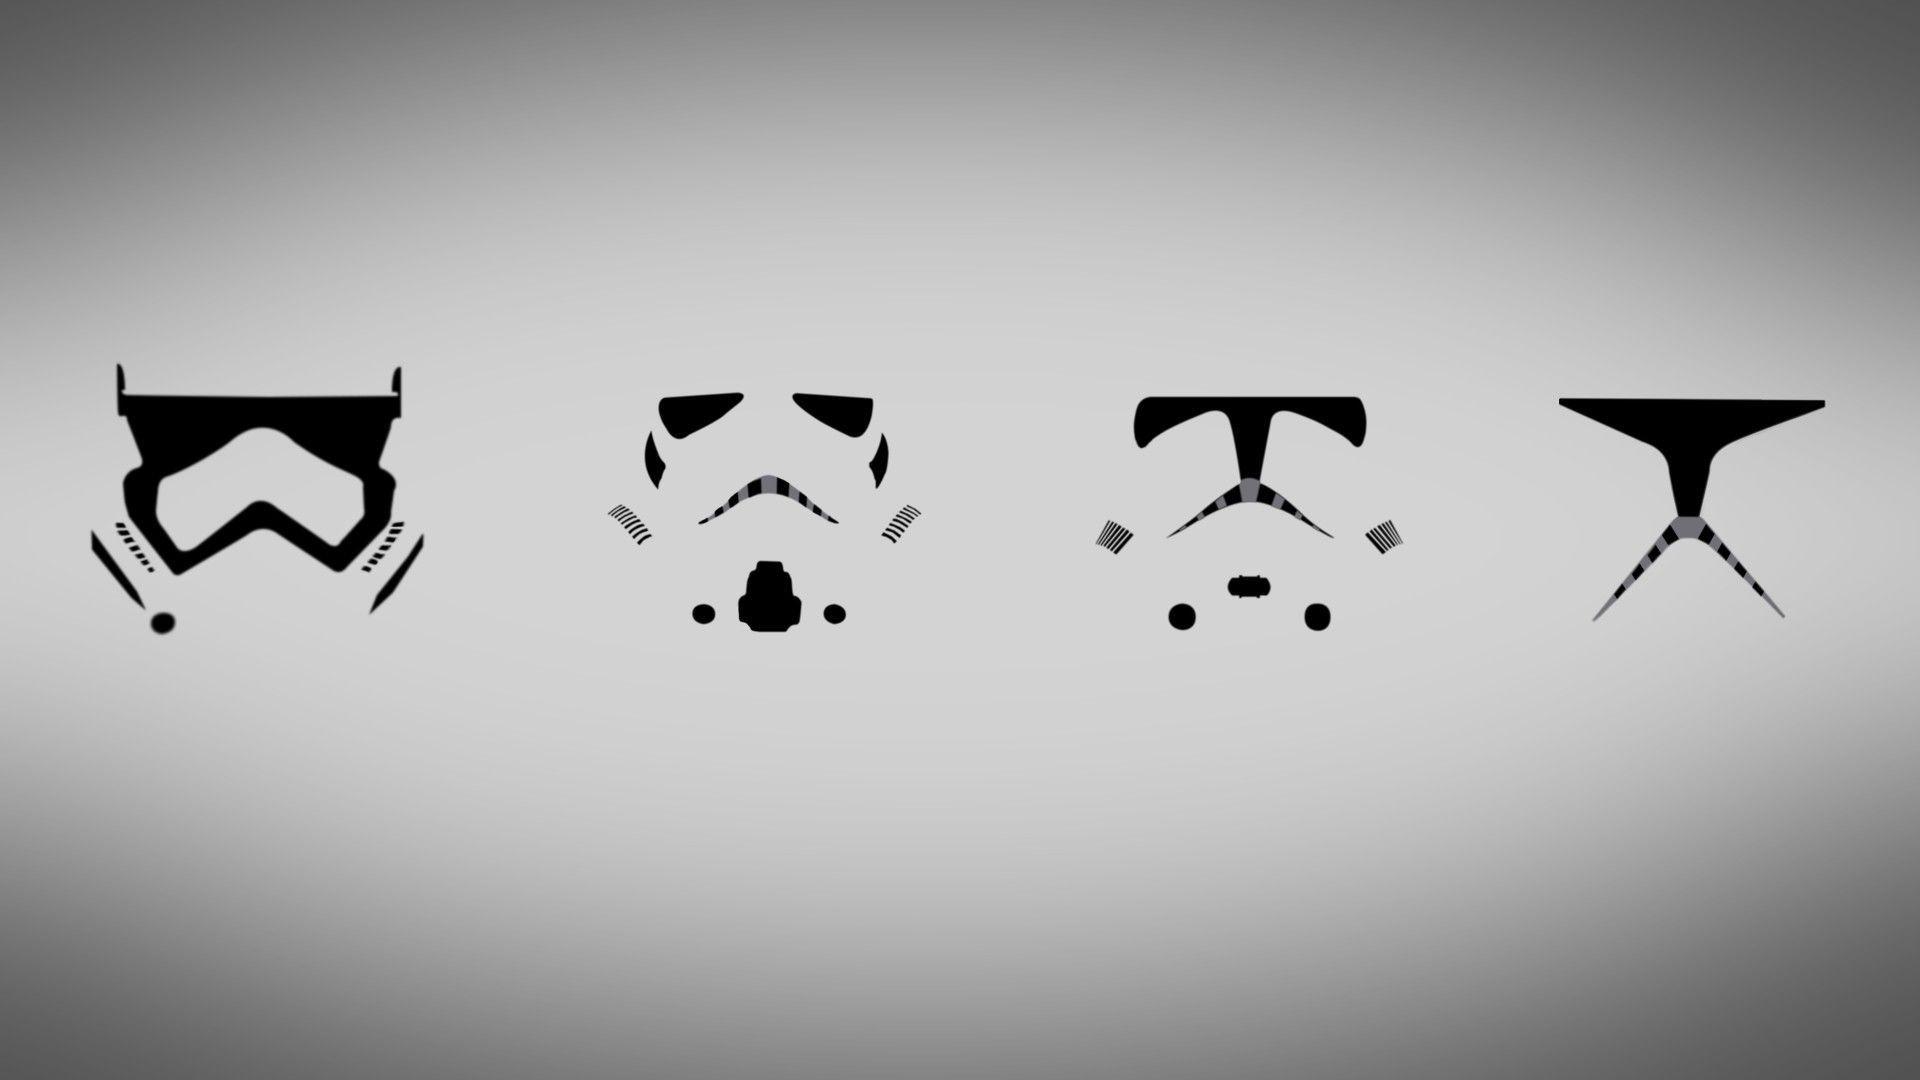 Star Wars, Stormtrooper, Simple, Clone Trooper, Minimalism .